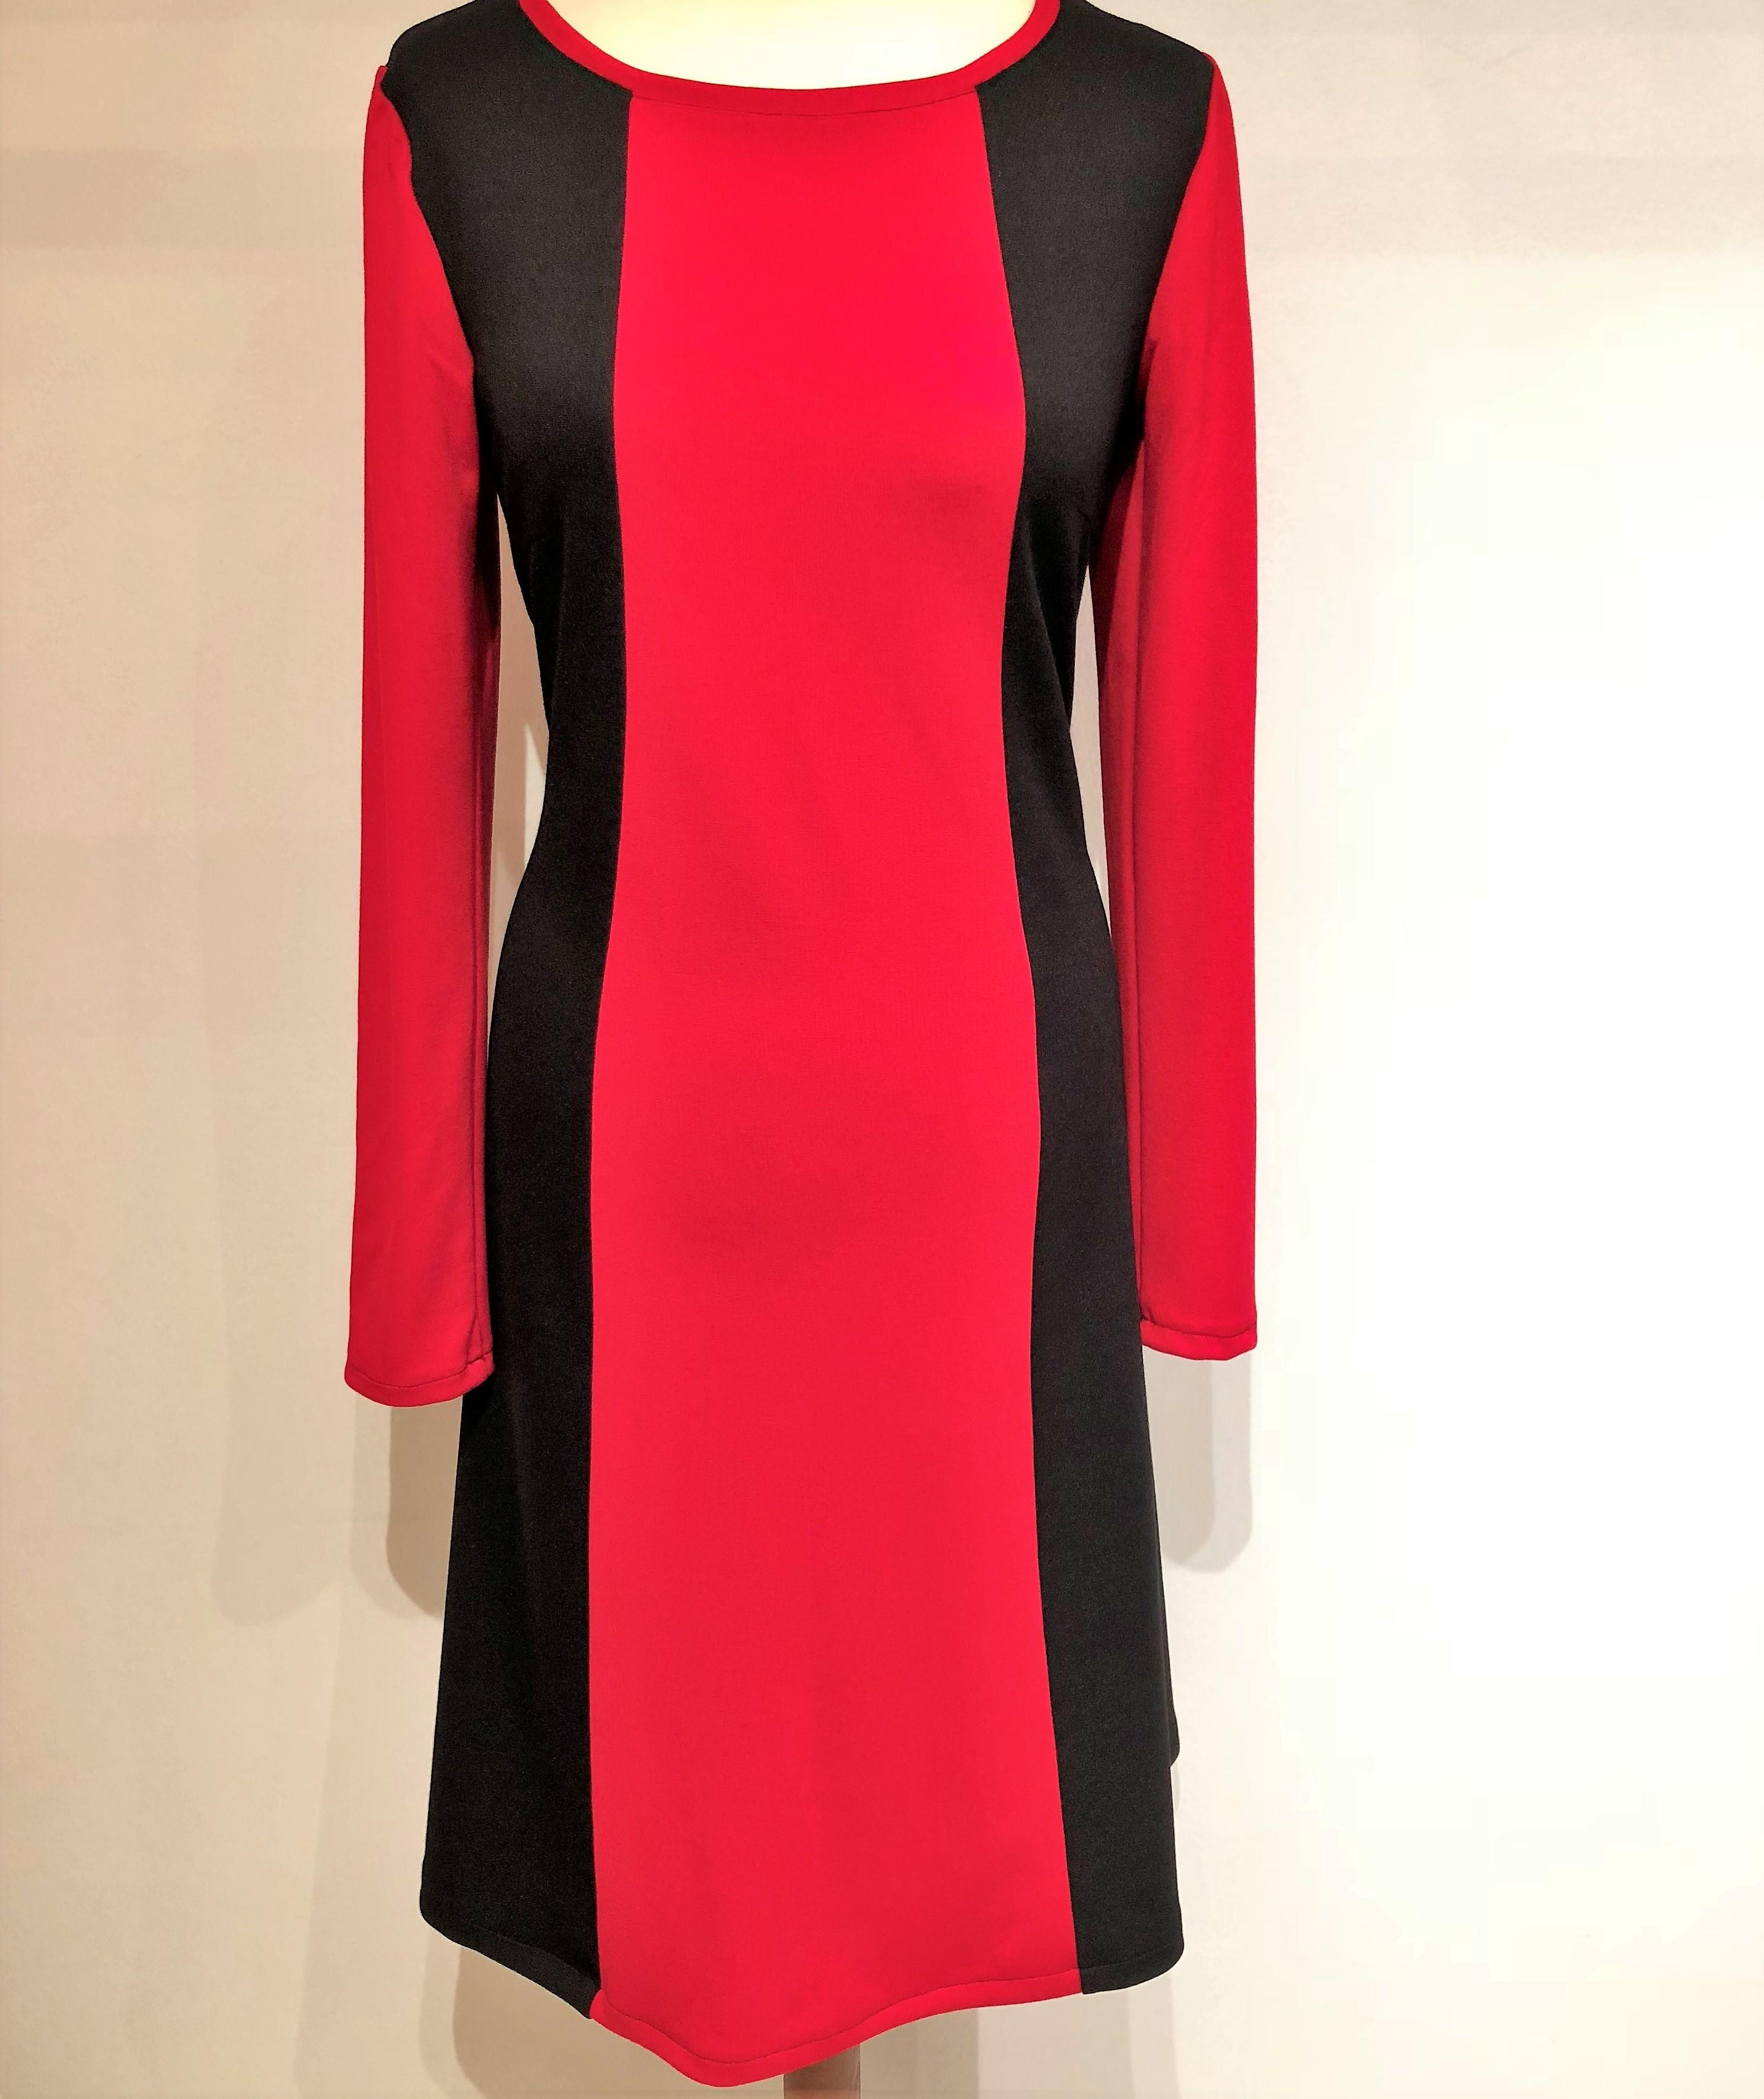 rød kjole med lange ærmer